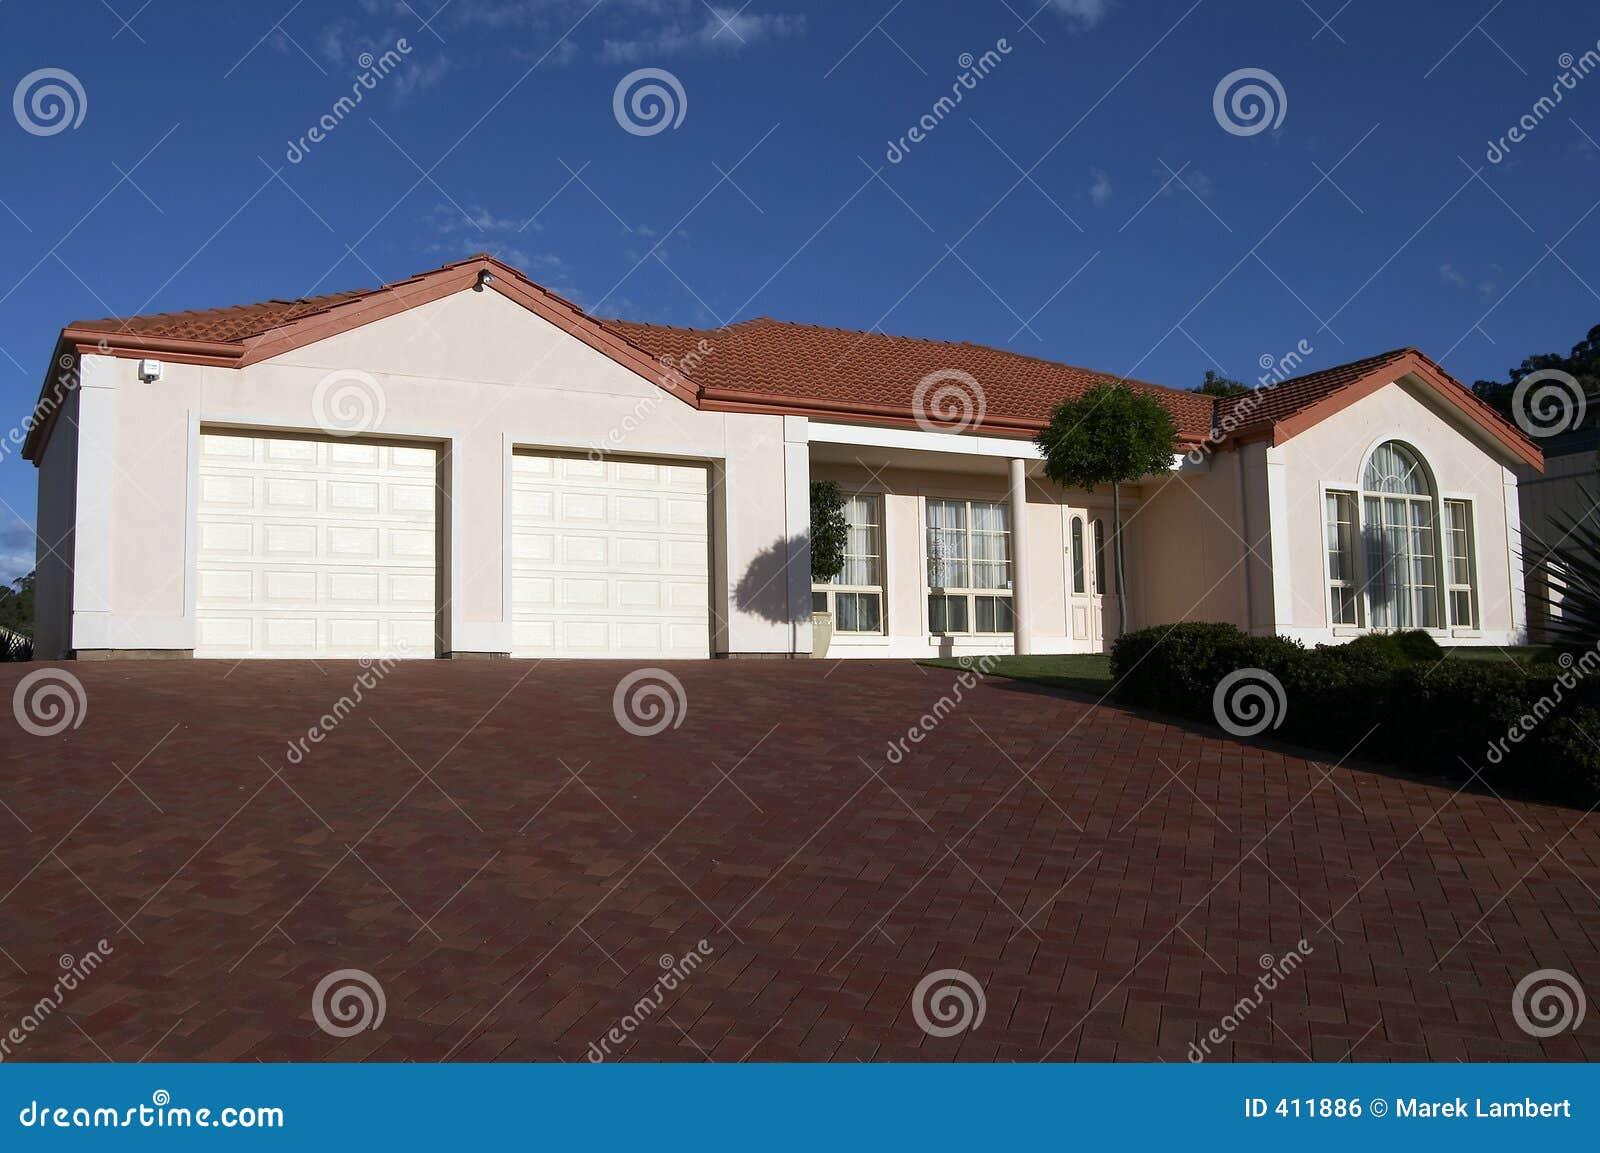 Cuidadosamente actual casa de una sola planta imagen de for Fachadas para casas de una sola planta